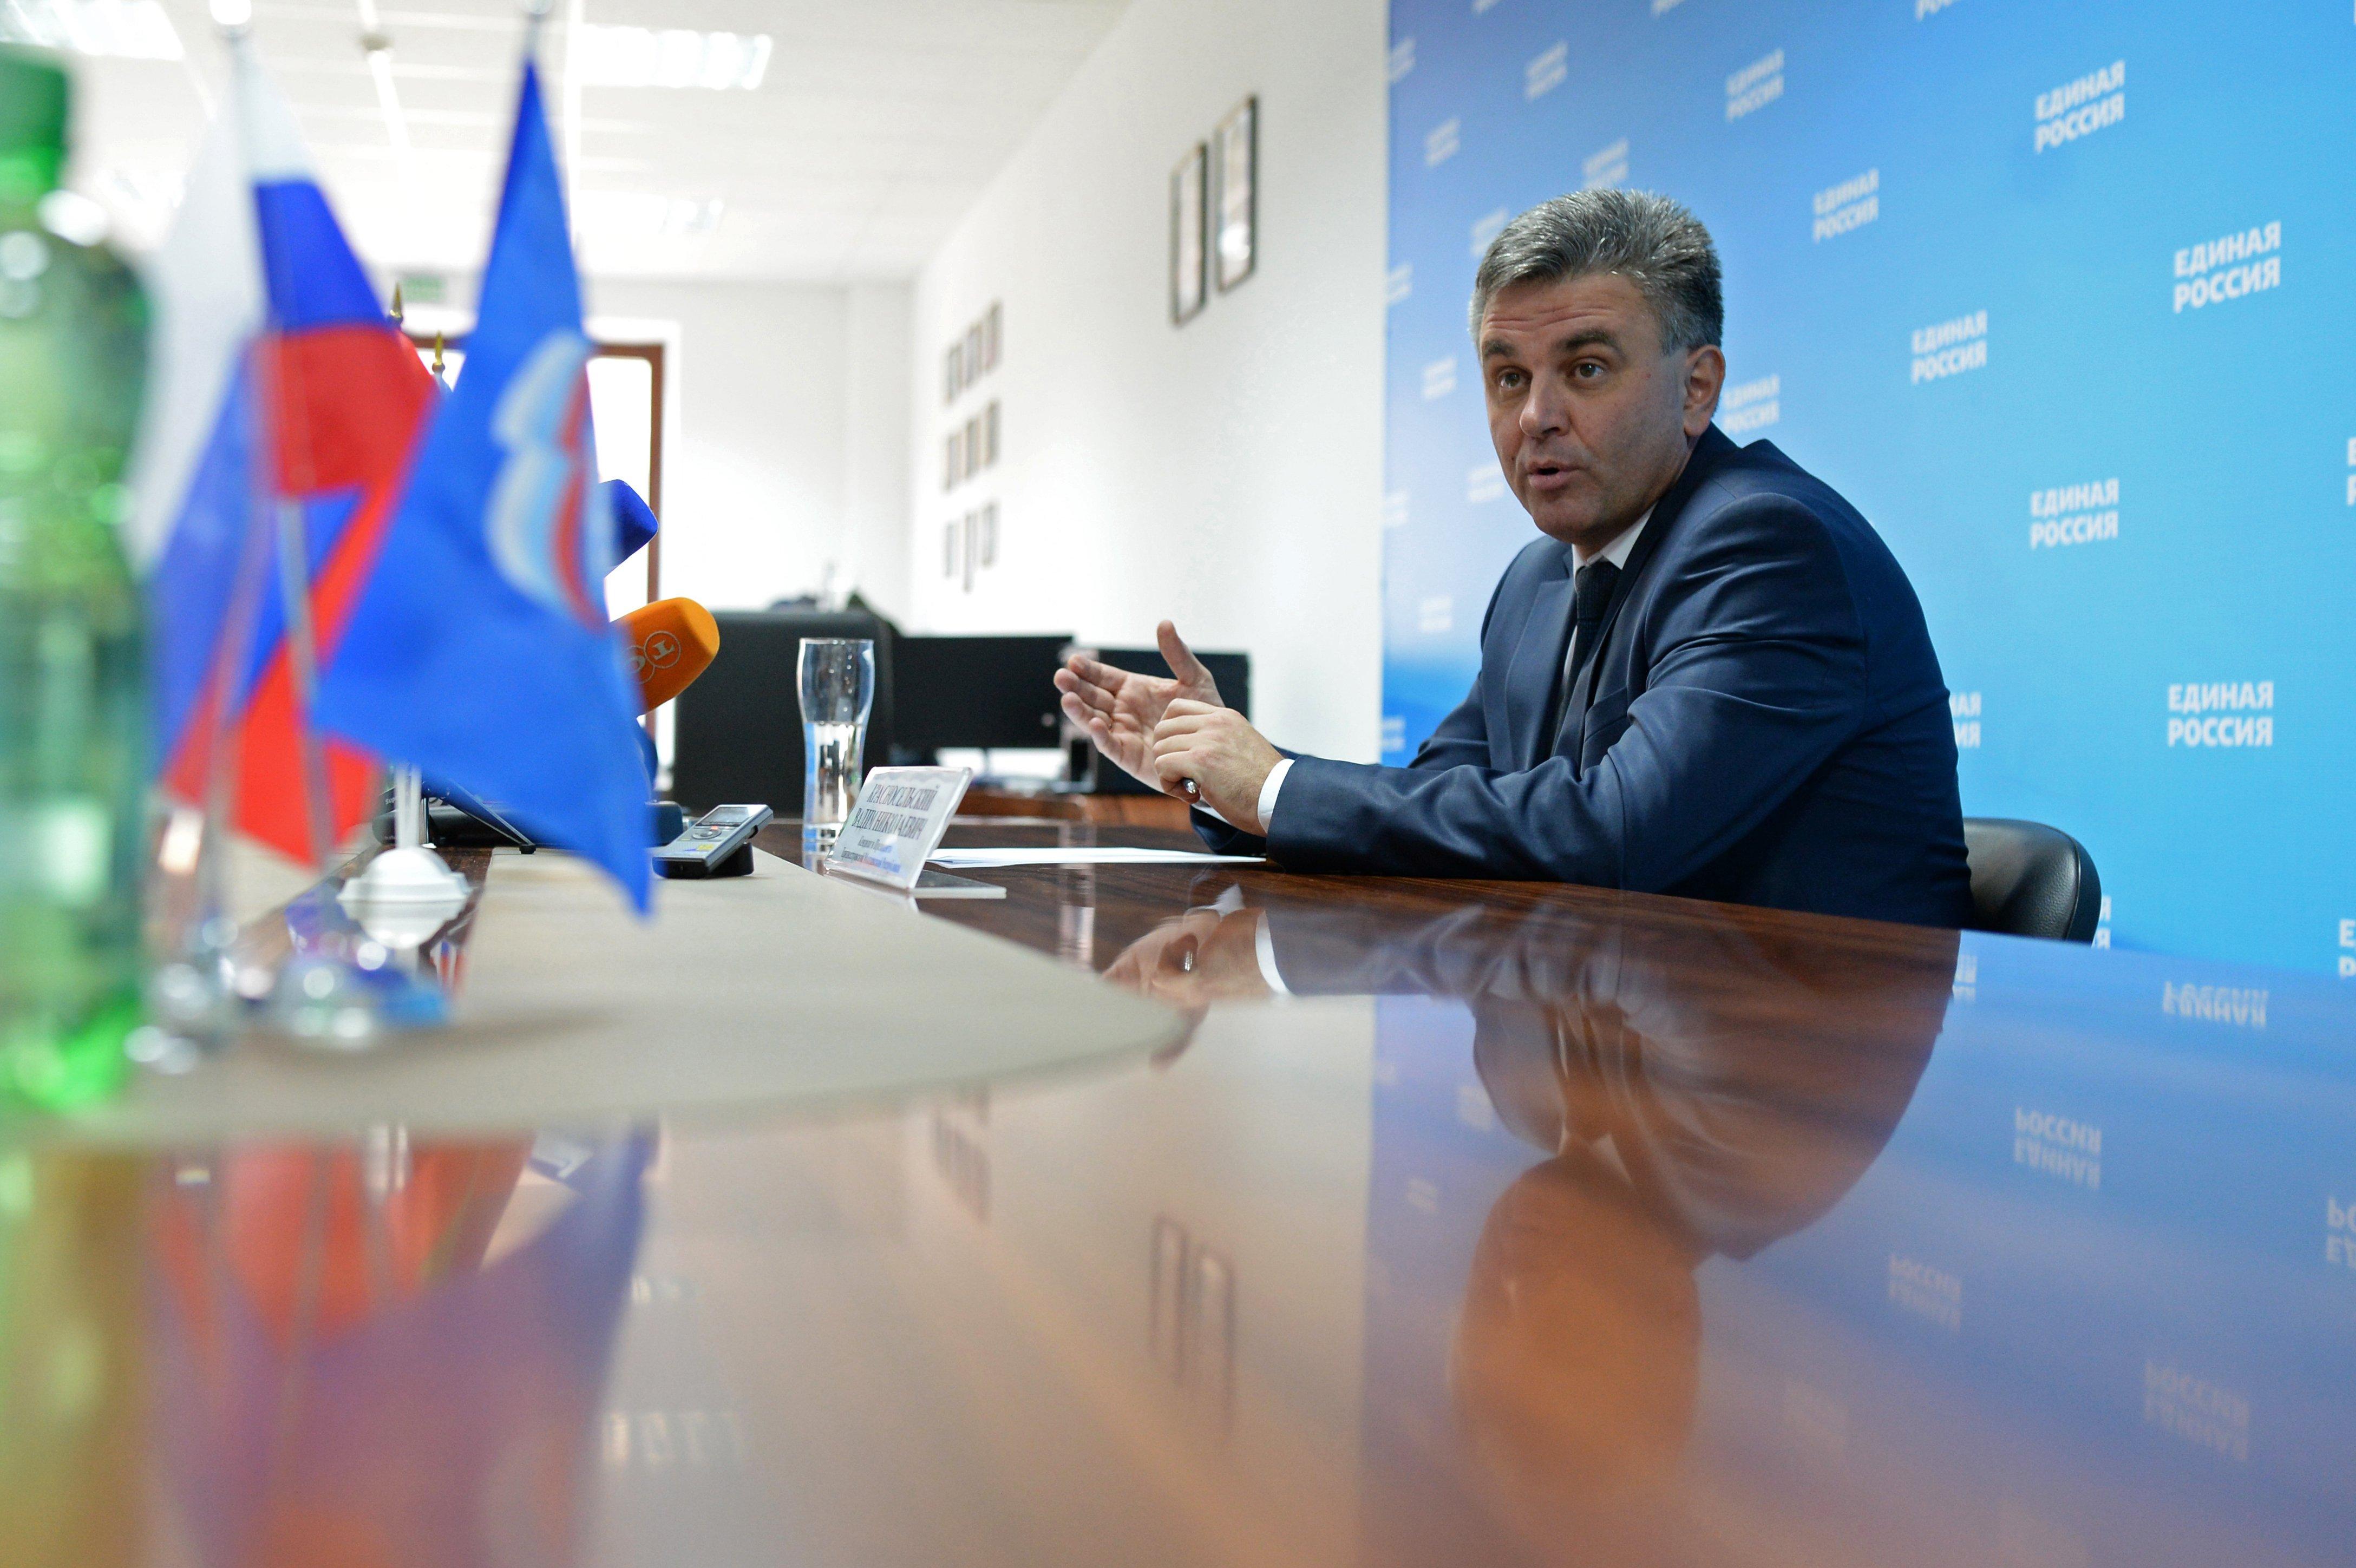 Президент ПМР: хотел бы встретиться в Москве с Владимиром Путиным